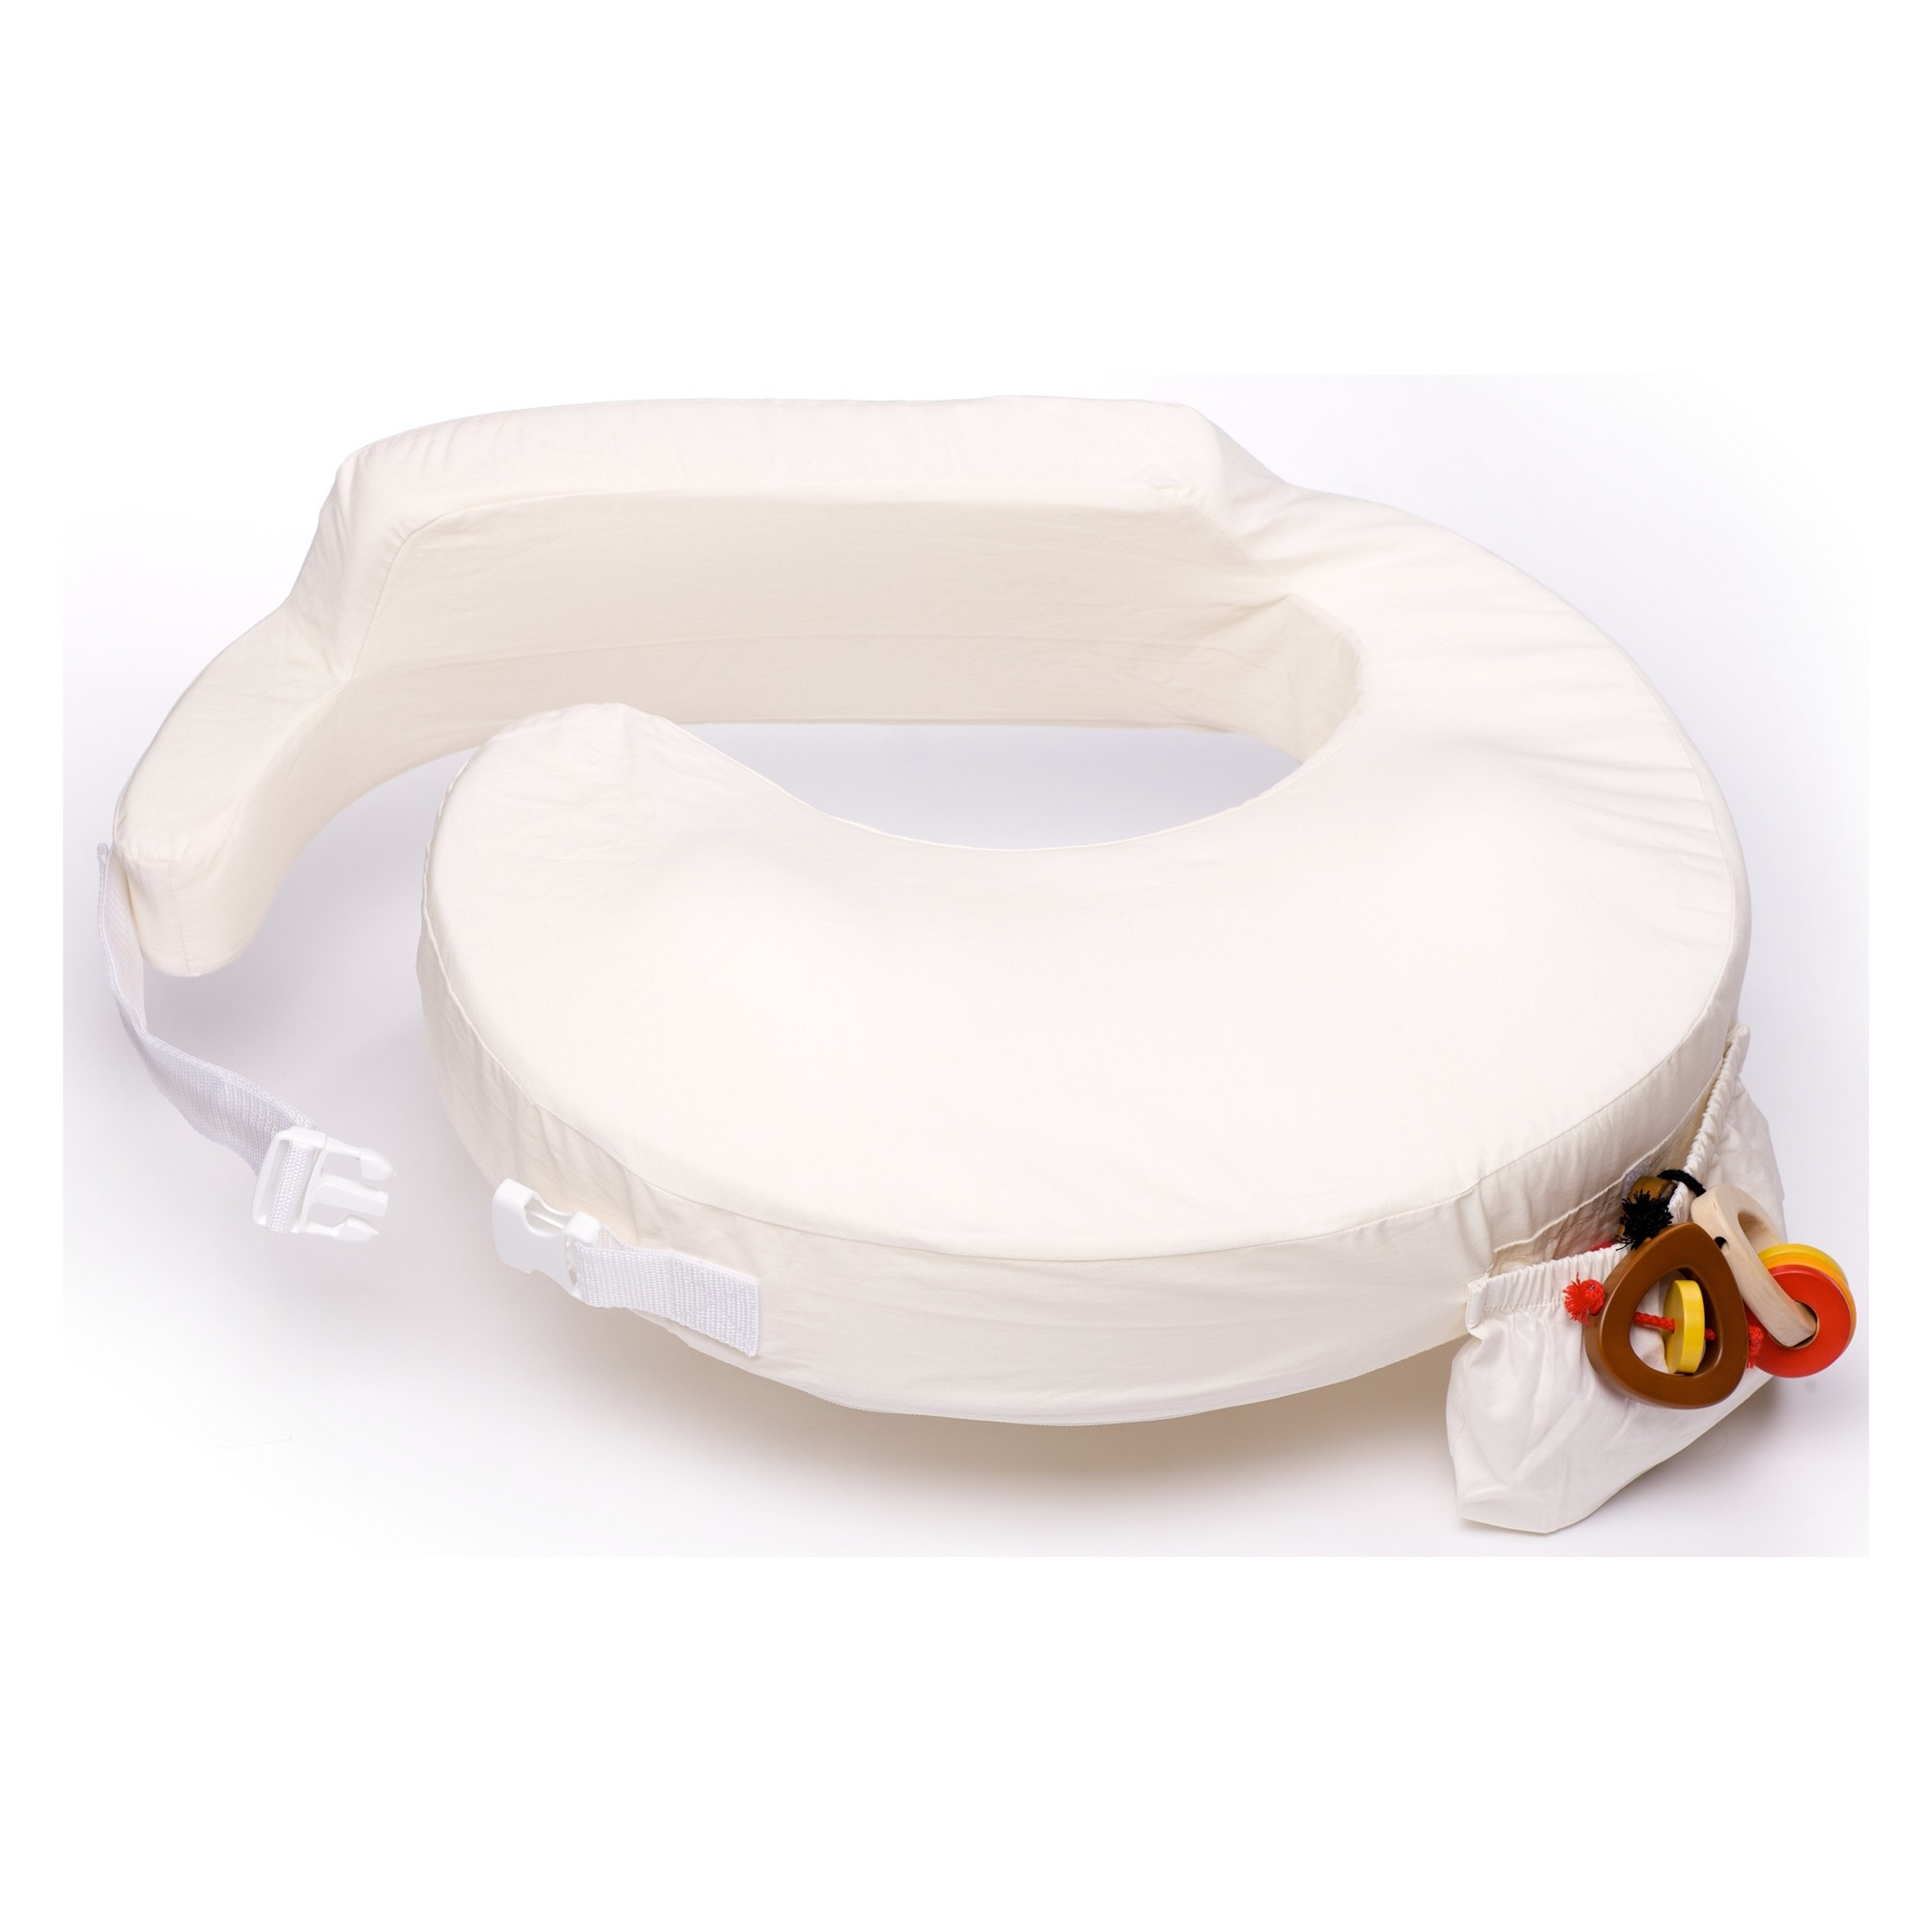 My Brest Friend Organic Nursing Pillow - Natural